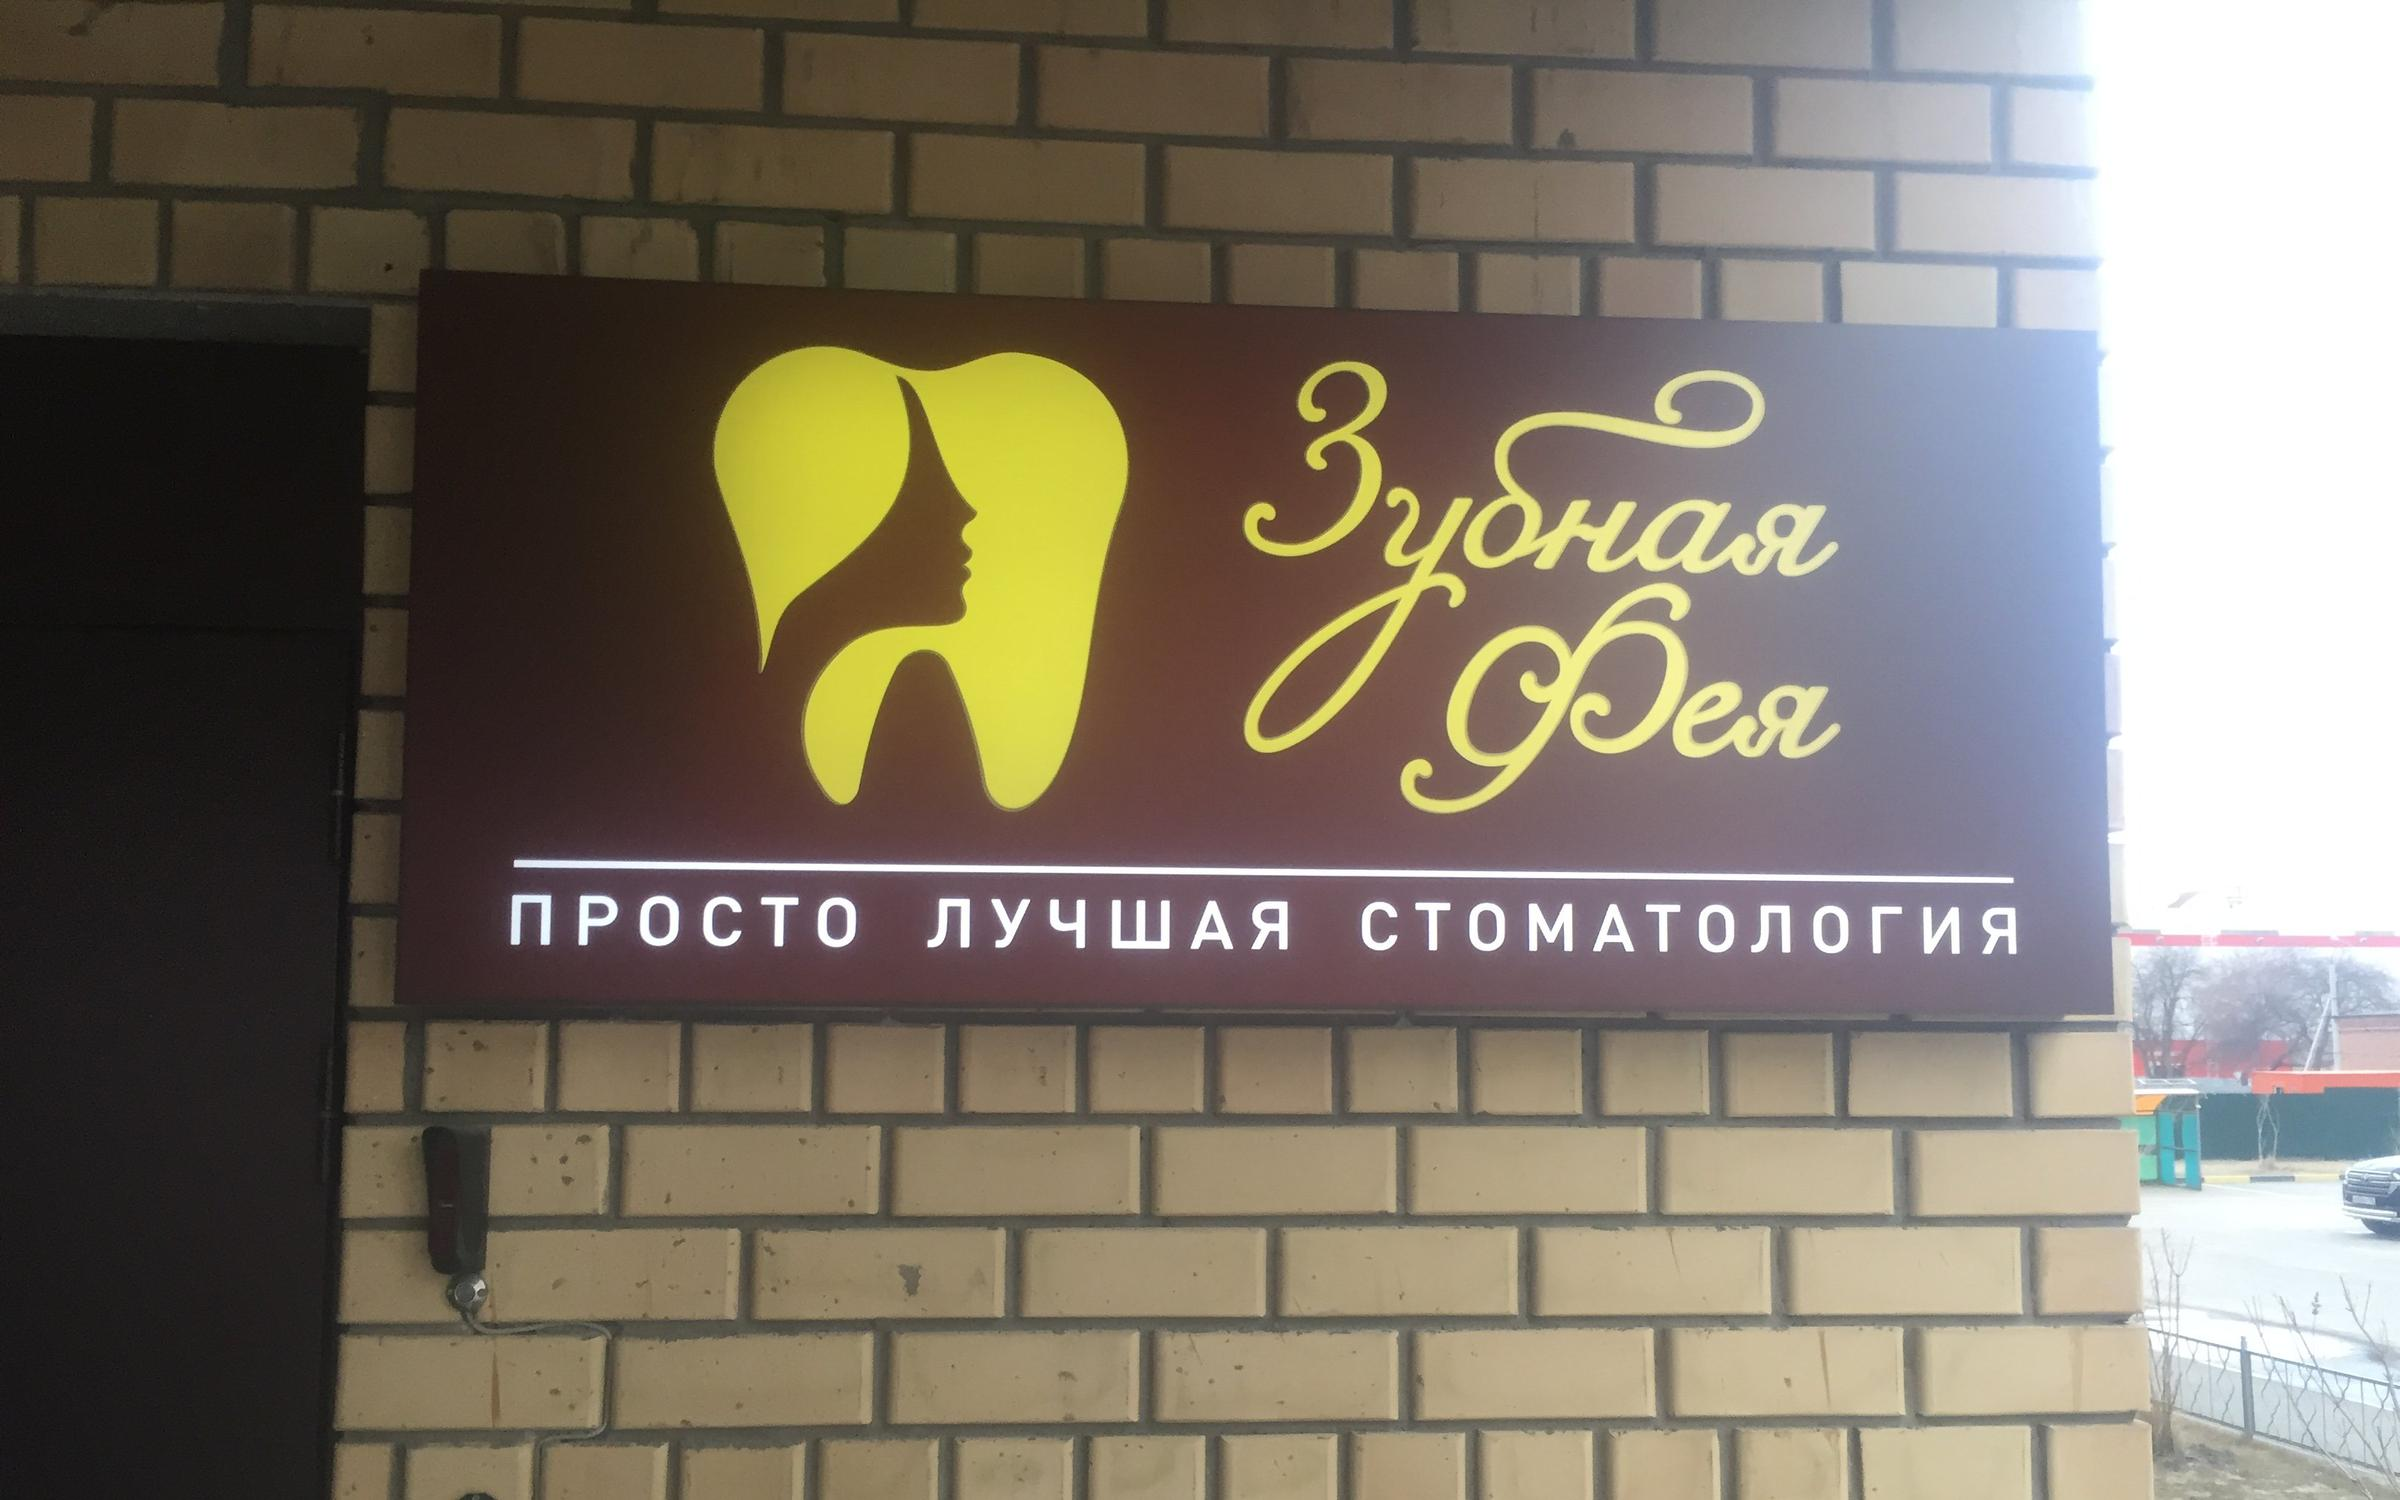 фотография Стоматологической клиники Зубная фея